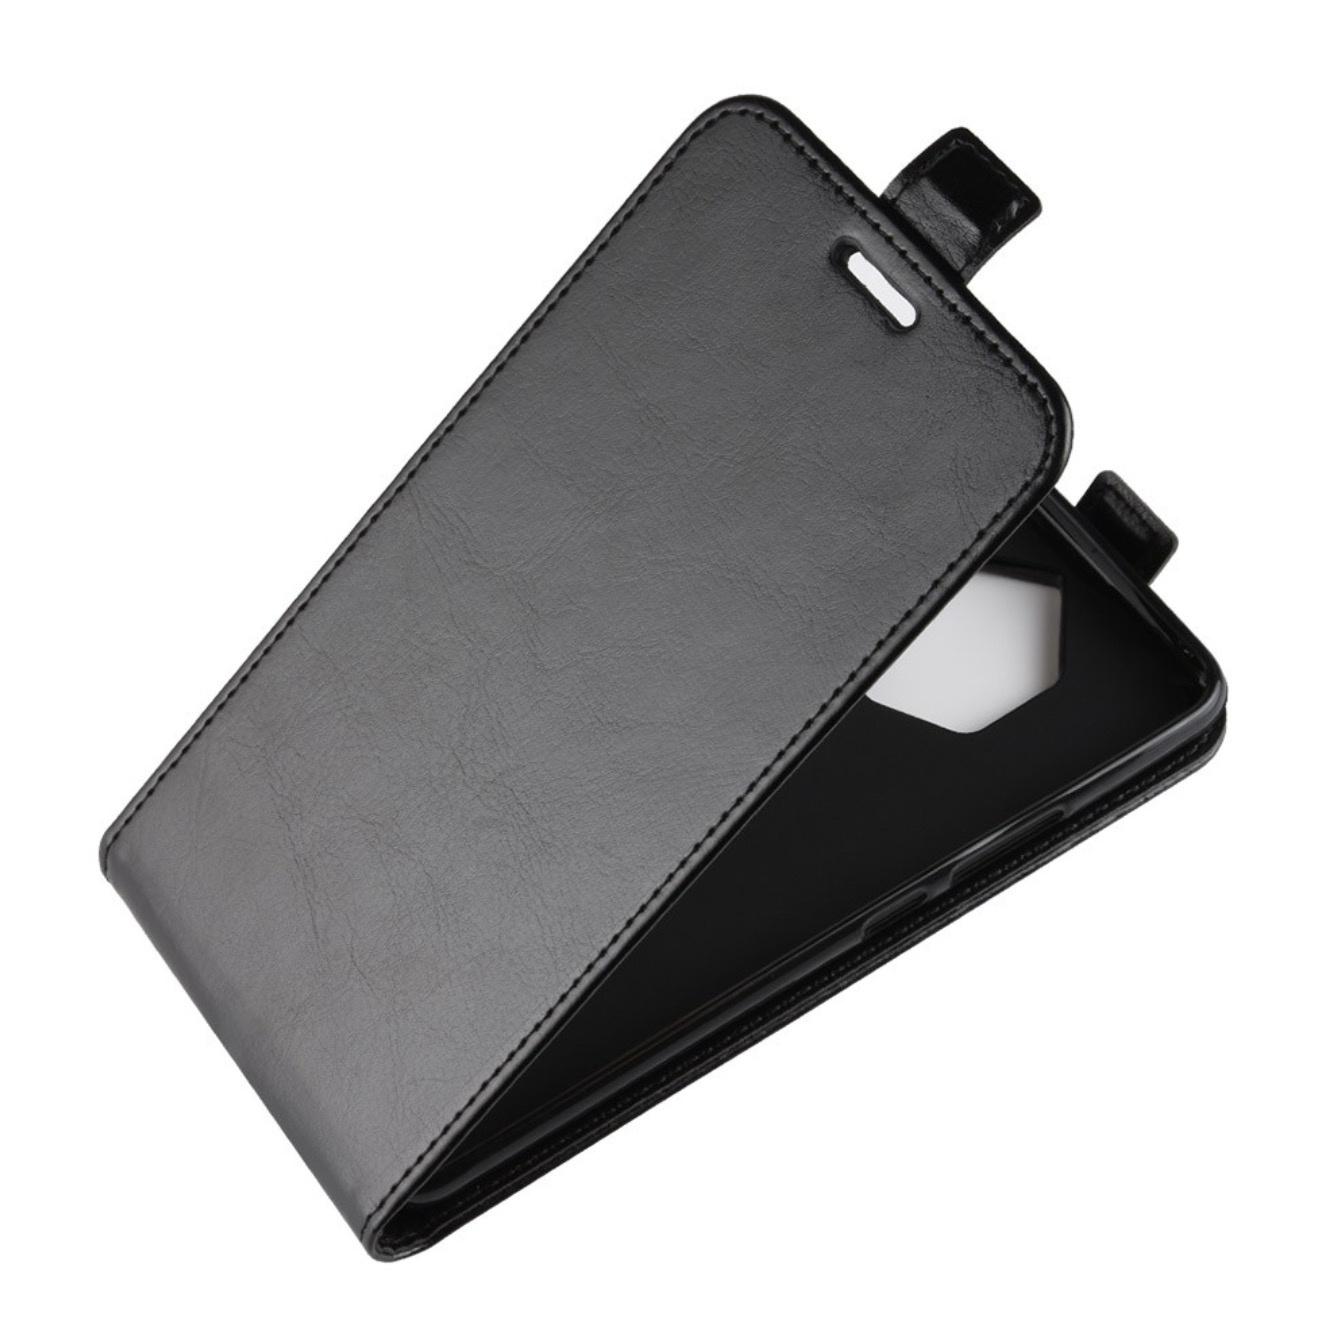 Чехол-флип MyPads для ASUS ZenFone Go ZB551KL / Go TV ZB551KL 5.5 вертикальный откидной черный стоимость